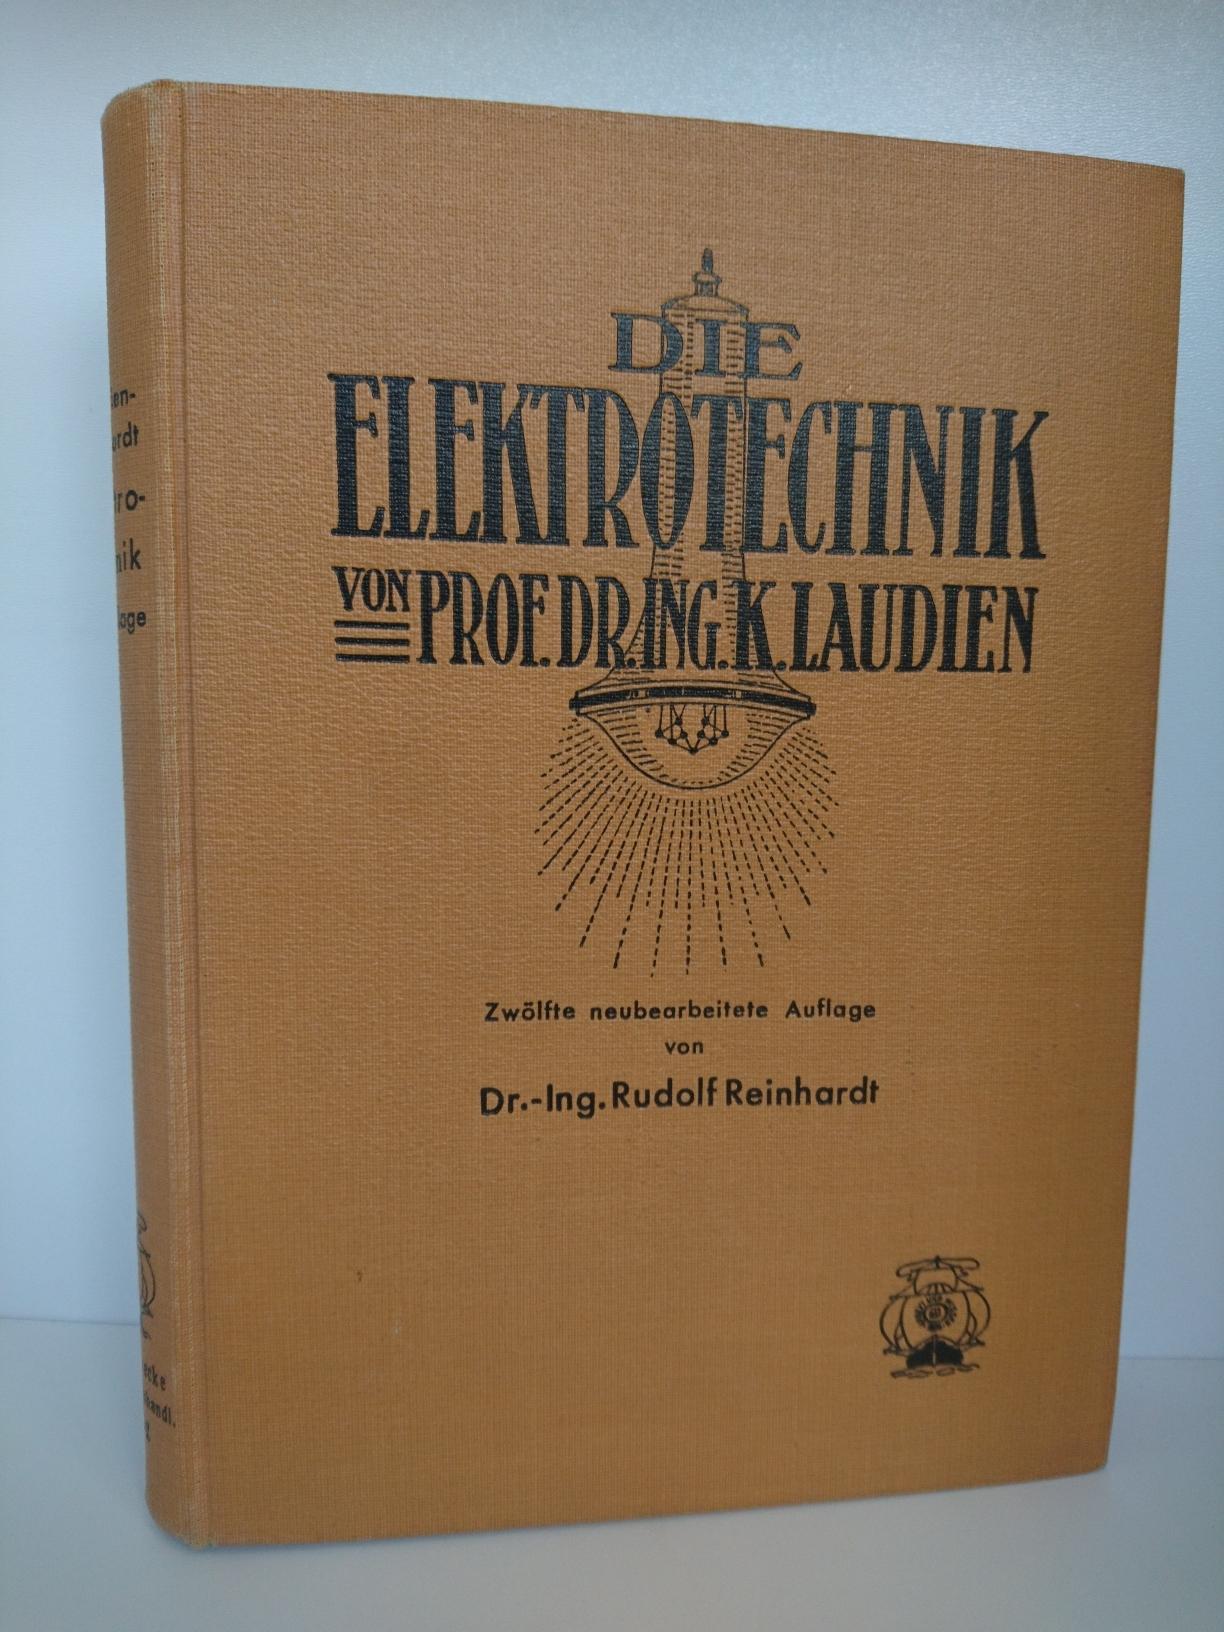 Die Elektrotechnik Die Grundgesetze der Elektrizitätslehre und: Prof. Dr. Ing.